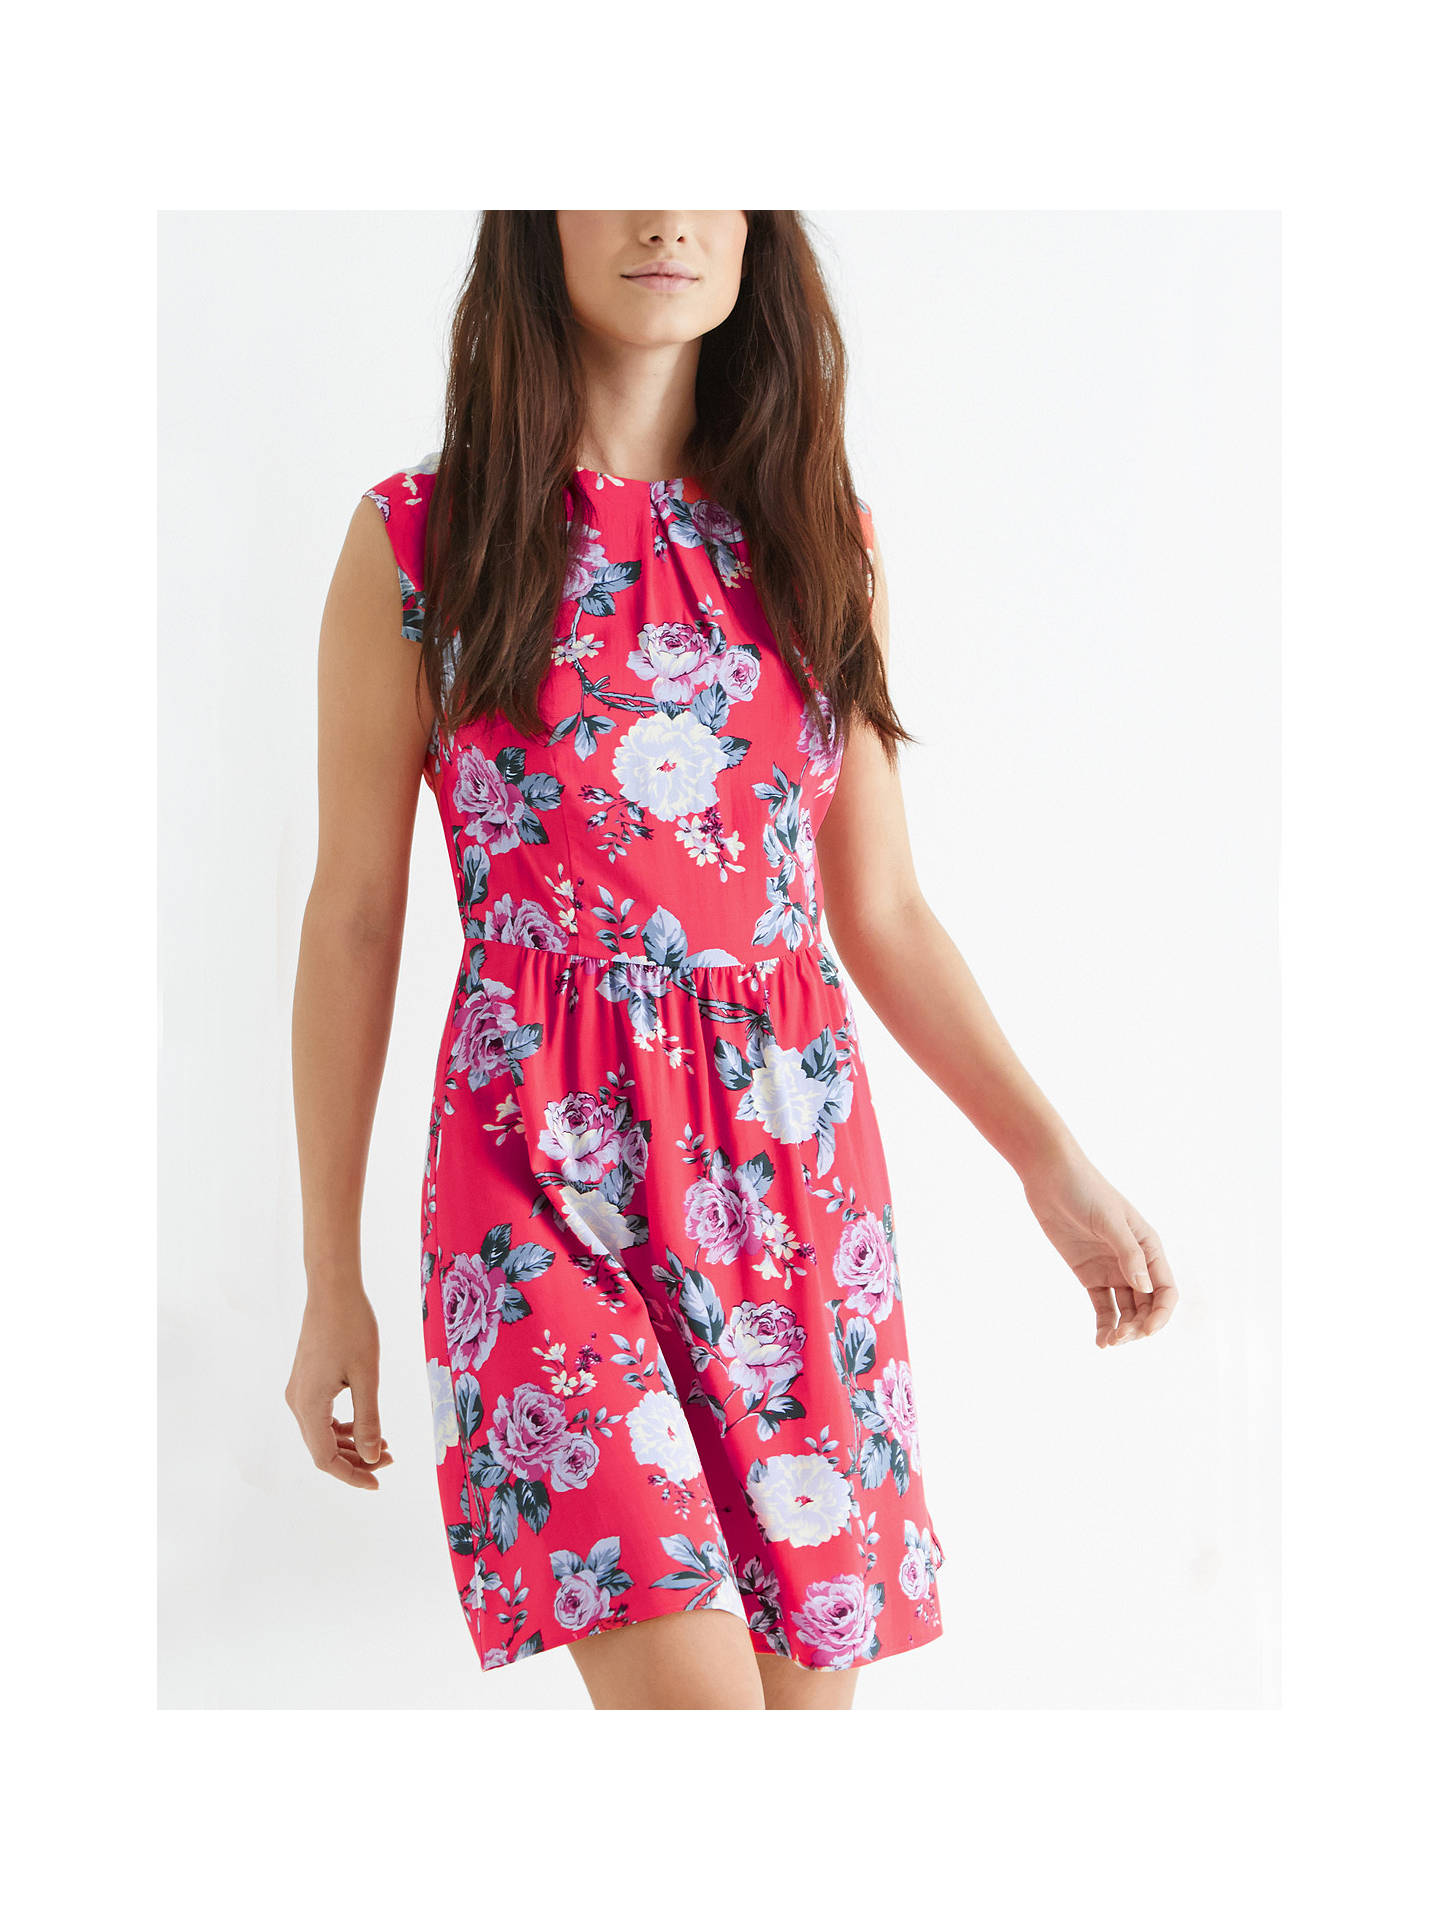 86e23f37dad6 ... Buy Oasis Rose Skater Dress, Coral, 8 Online at johnlewis.com